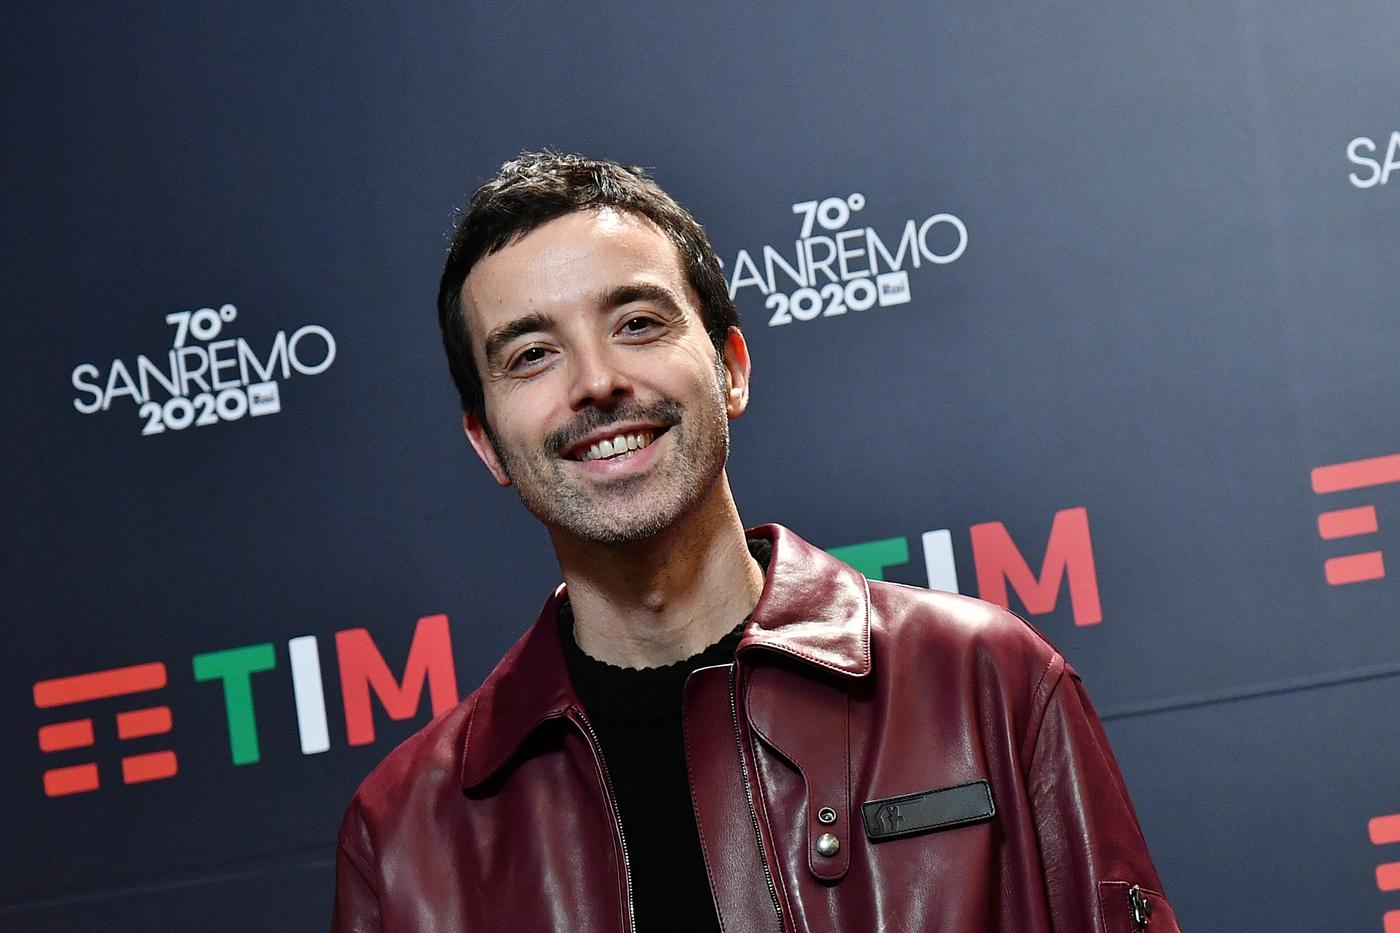 """Musica Italiana. Diodato: dopo Sanremo, ora all'Eurovision 2020 con la sua """"Fai rumore"""""""